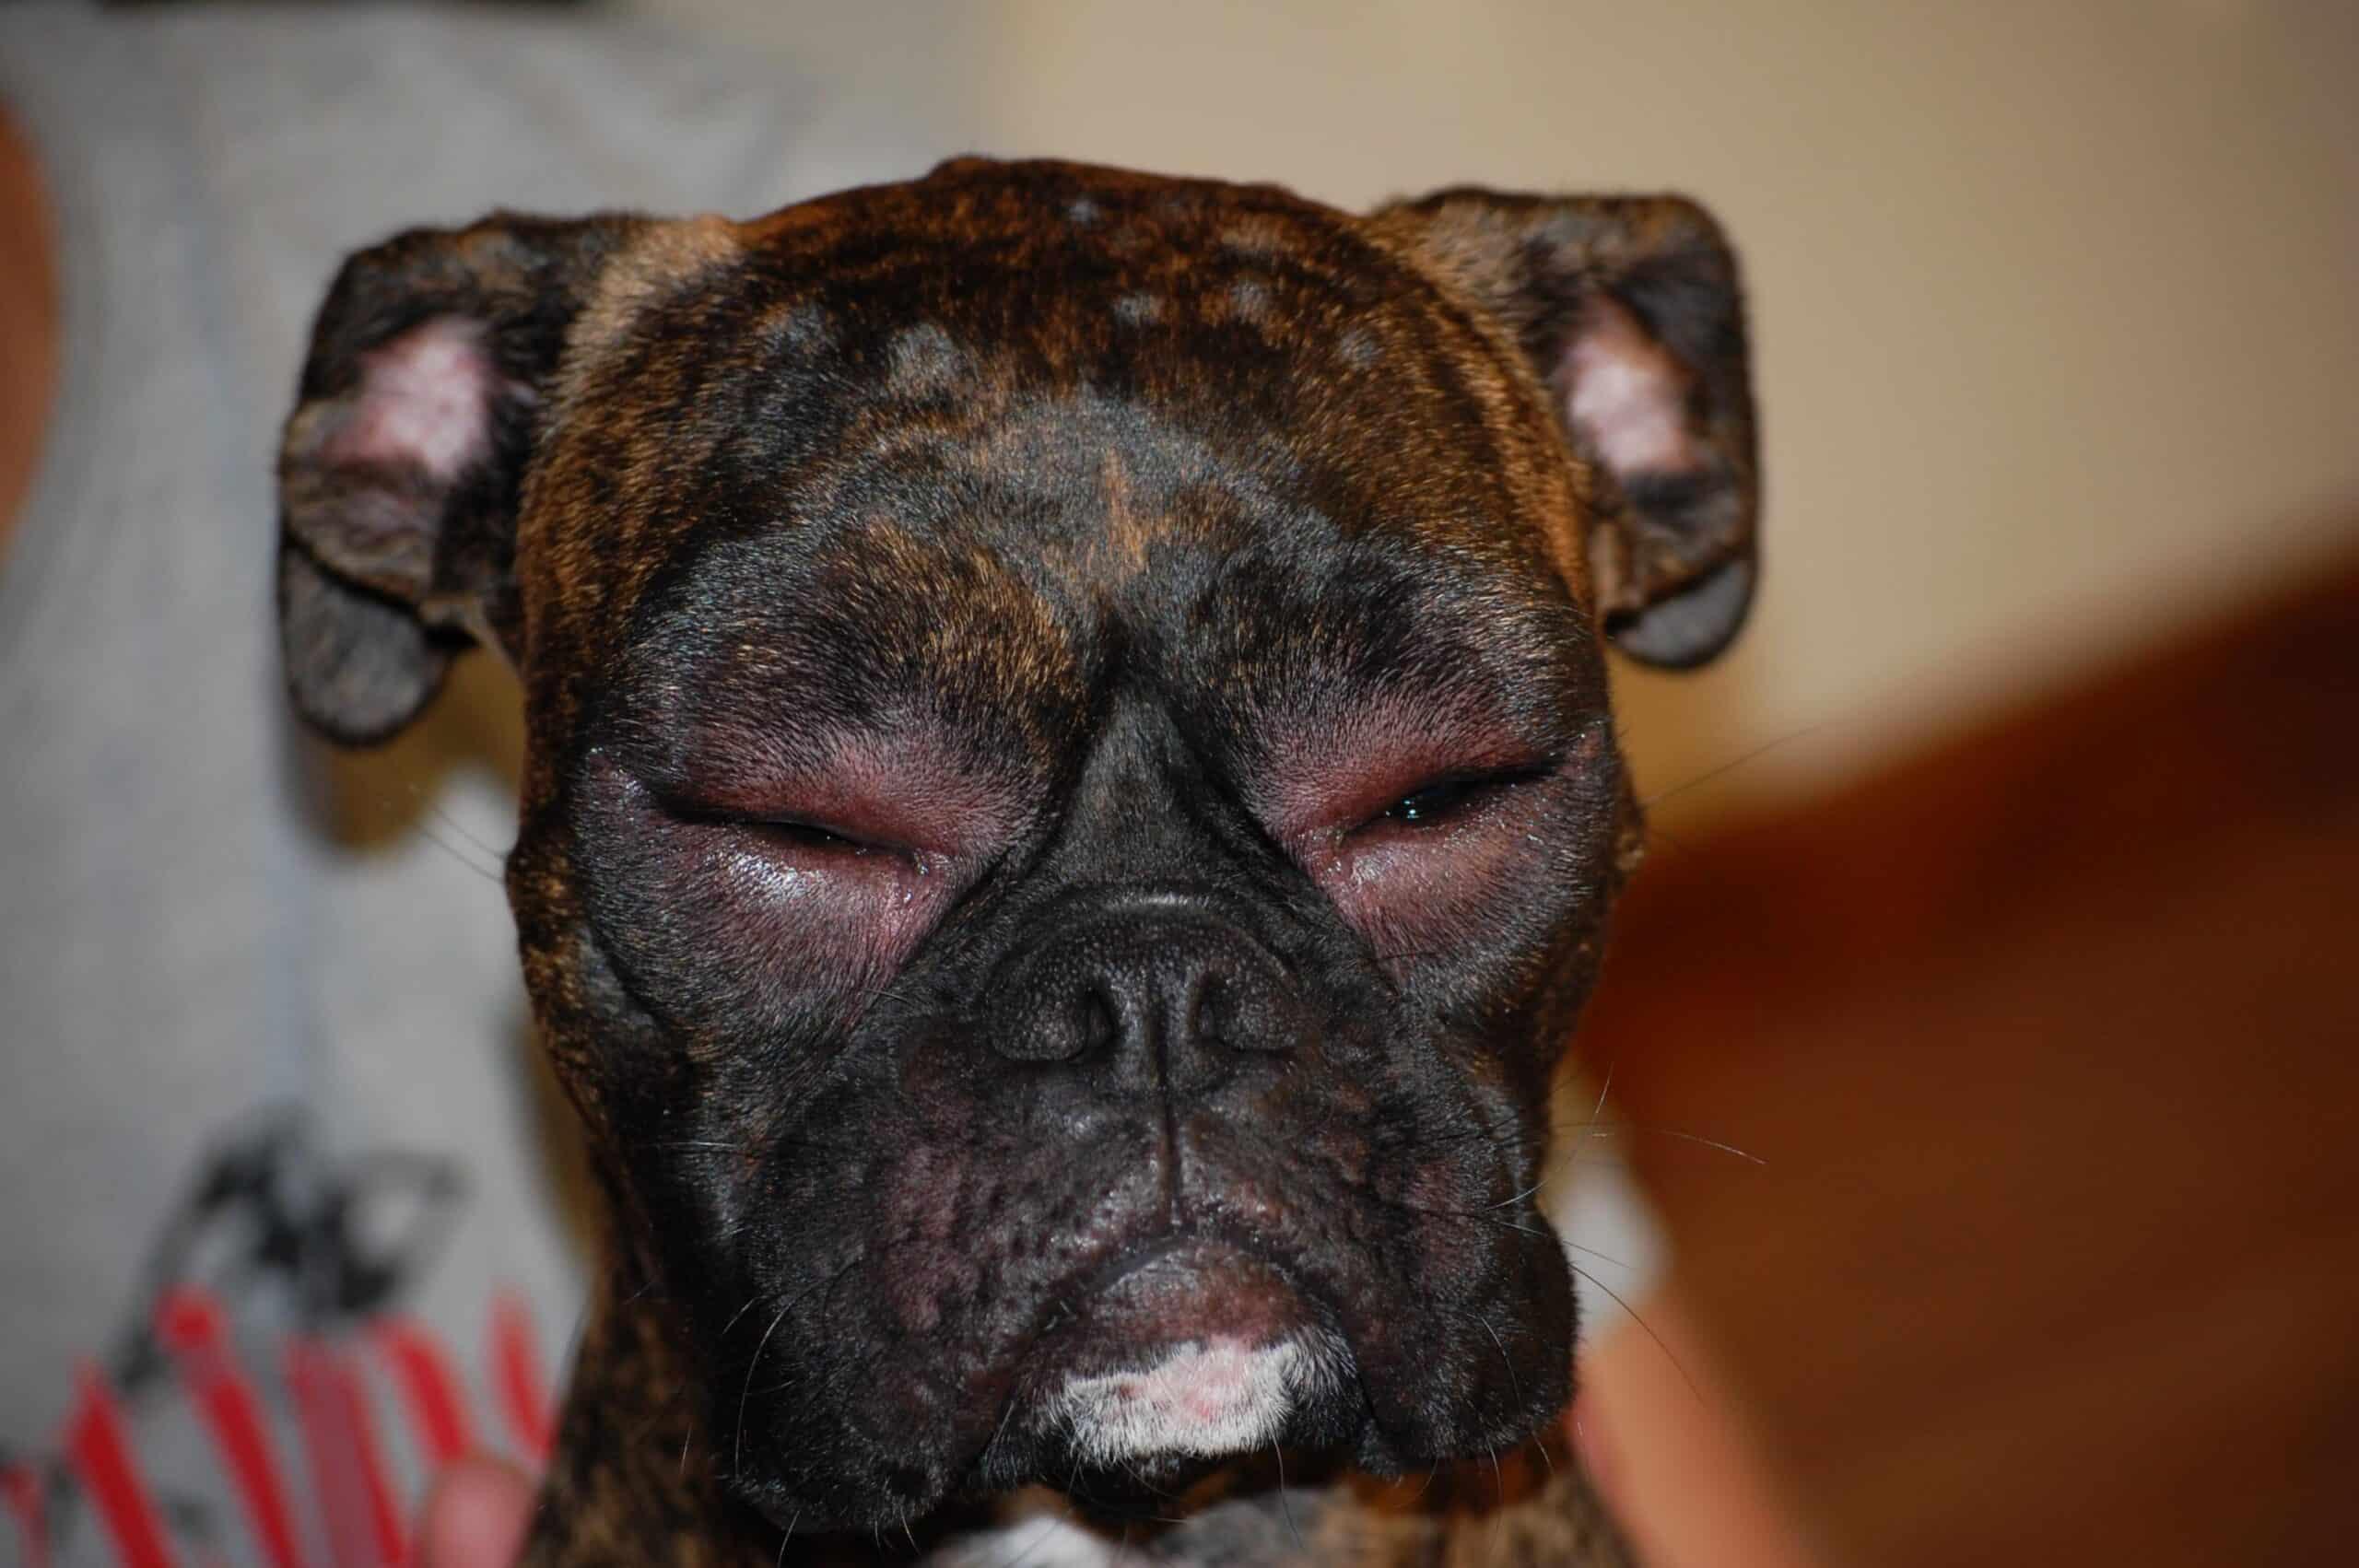 Dog eyes swollen shut